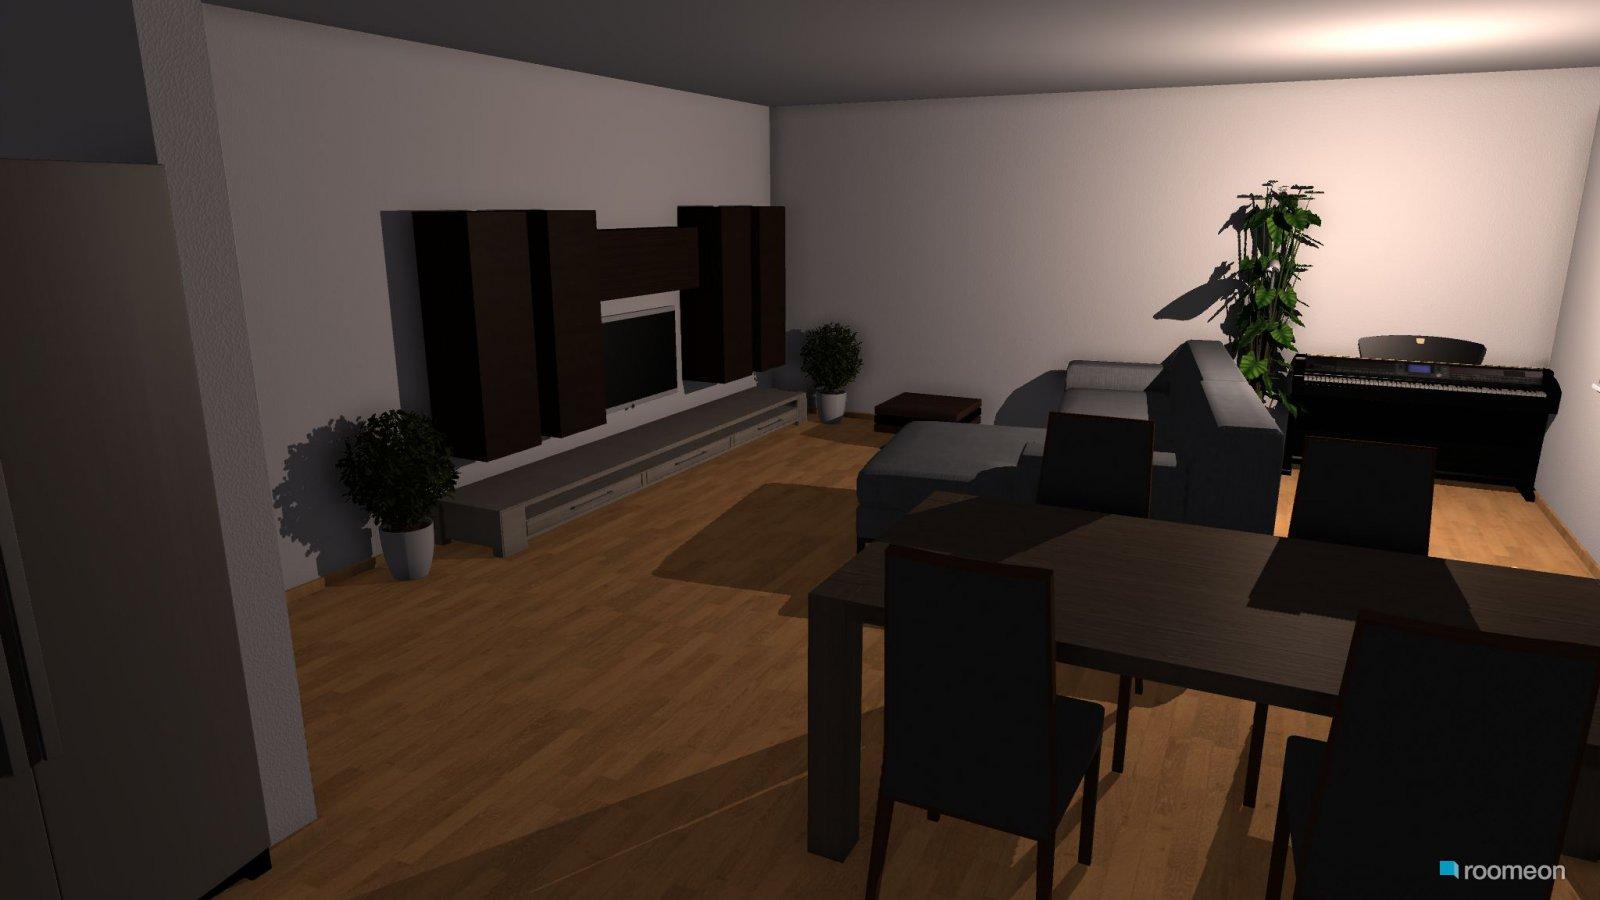 Room Design Wohnzimmer Mit Einrichtung Roomeon Community